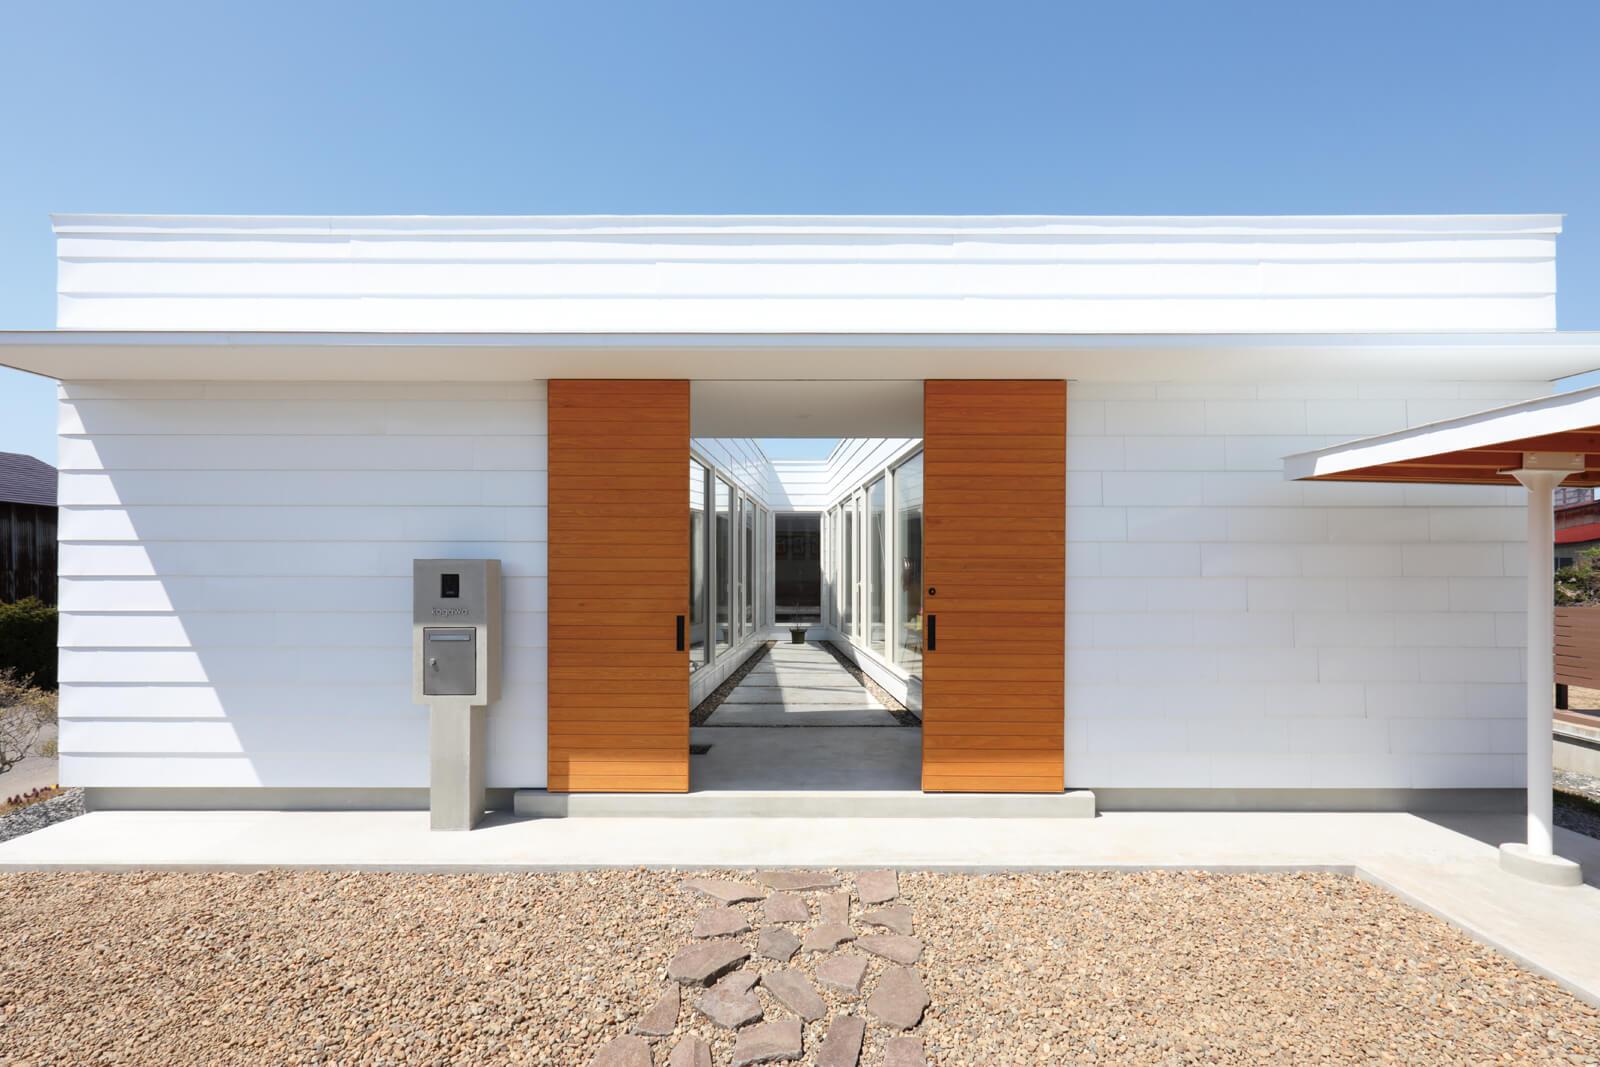 住宅の東側外観。大きな門の奥にテラスが続く。公的な性格の庭に対し、門が距離感を調節する役割を果たす